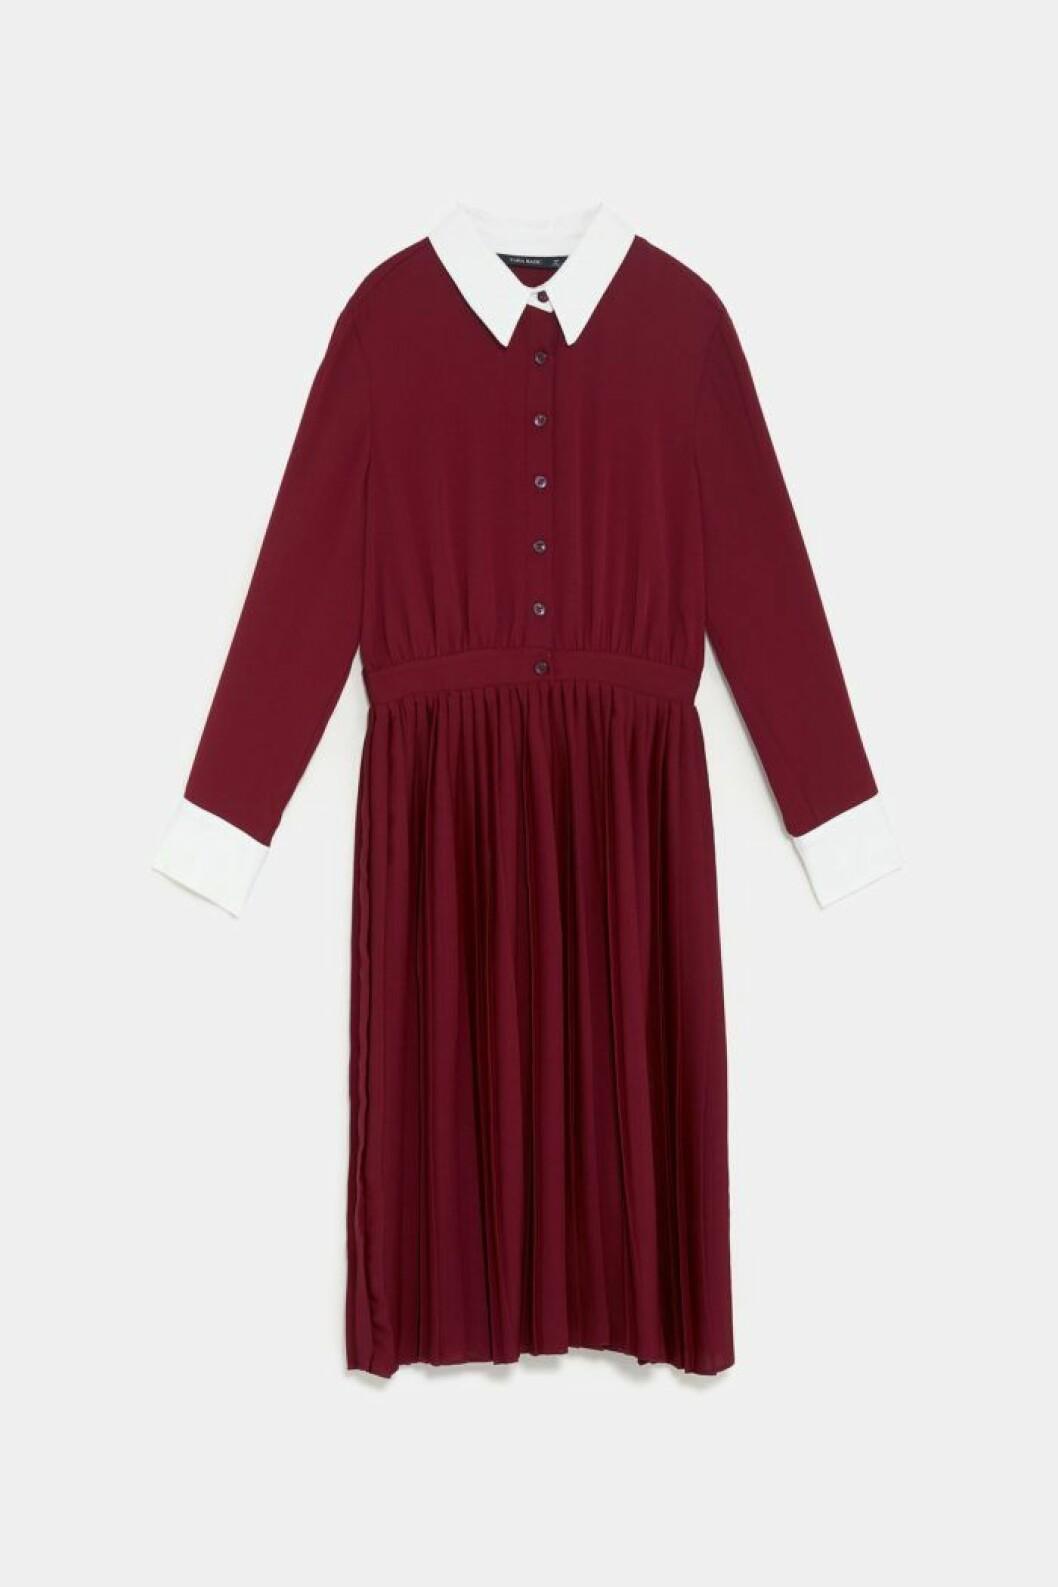 Vinröd klänning med vit krage och vita manschetter